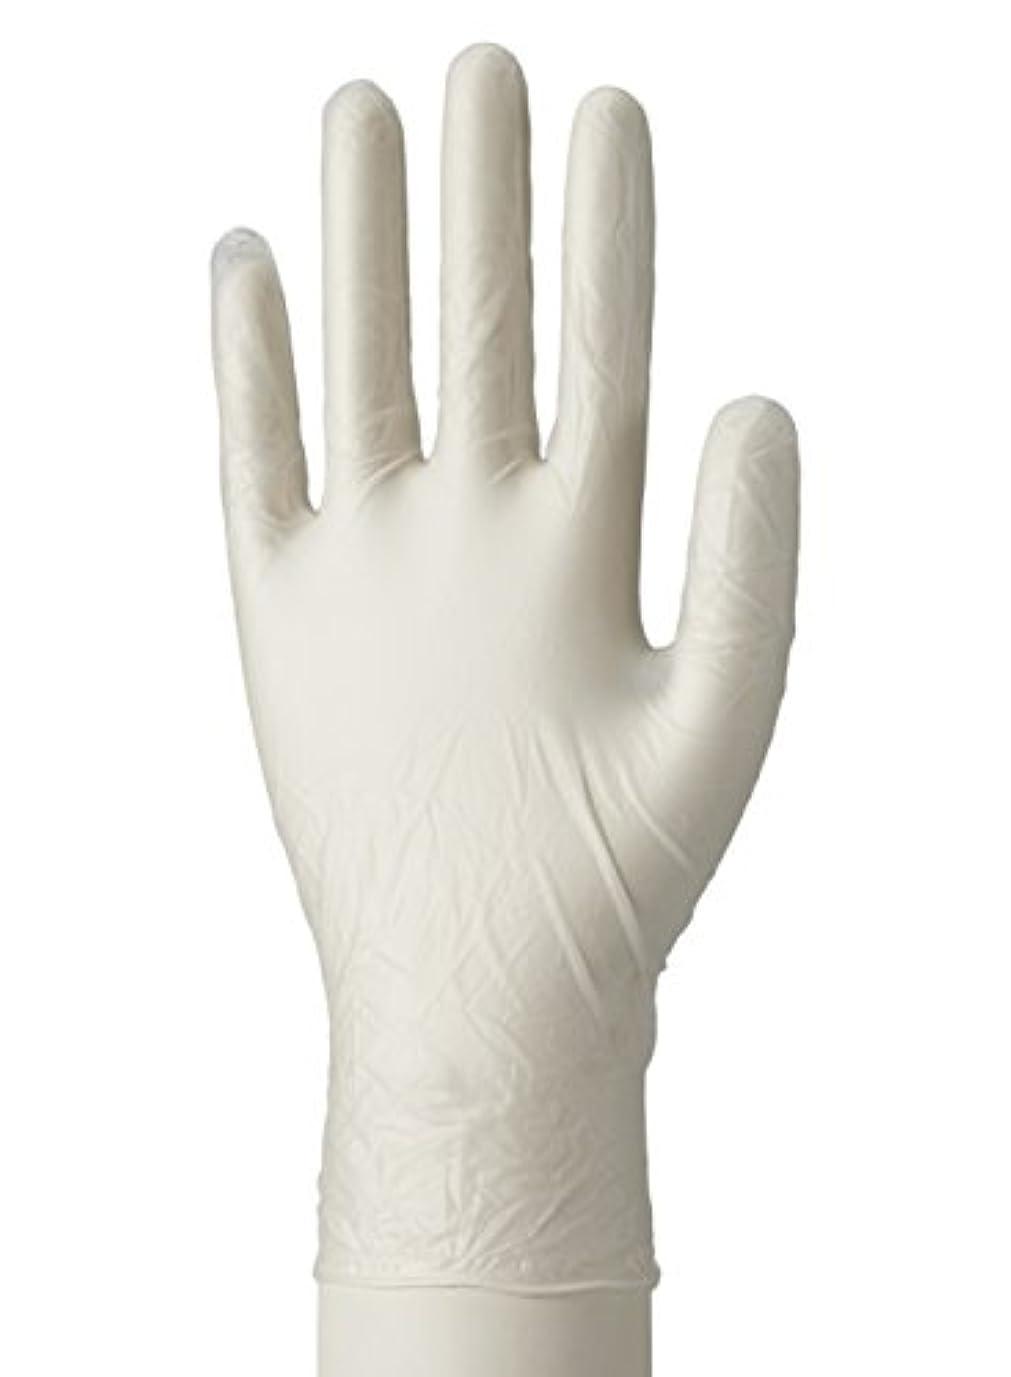 明確な時代遅れ荷物使い捨て手袋 マイスコPVCグローブ 粉つき MY-7520(サイズ:S)100枚入り 病院採用商品